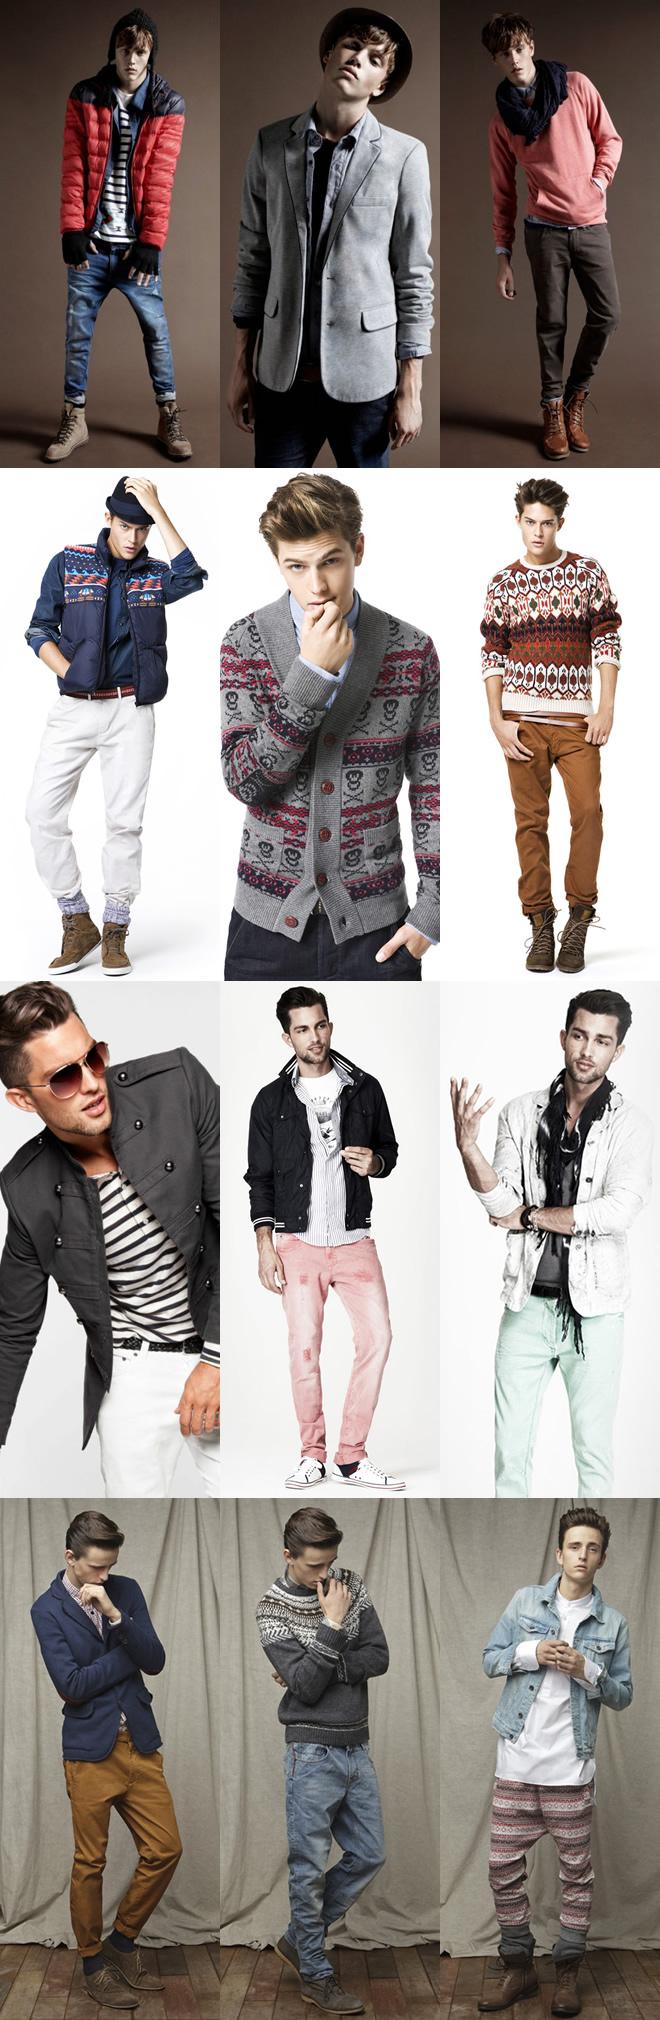 Dressing Your Age: Twenties (20's) via FashionBeans.com